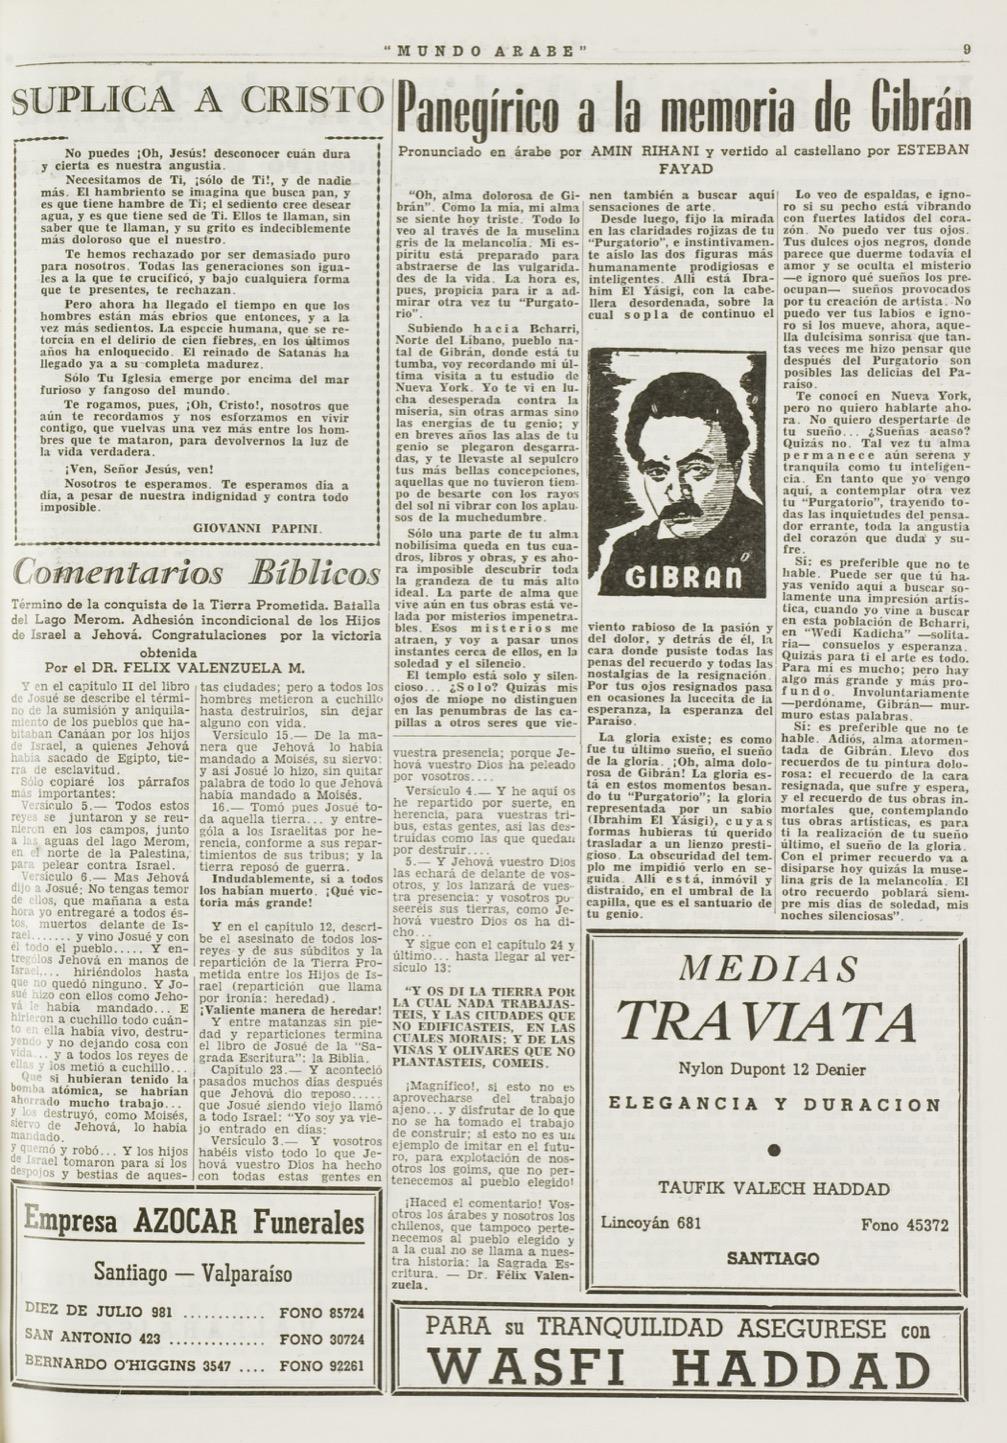 """Esteban Fayad, """"Panegirico a la memoria de Gibran"""", Mundo Árabe, Jun 14, 1957, p. 9."""